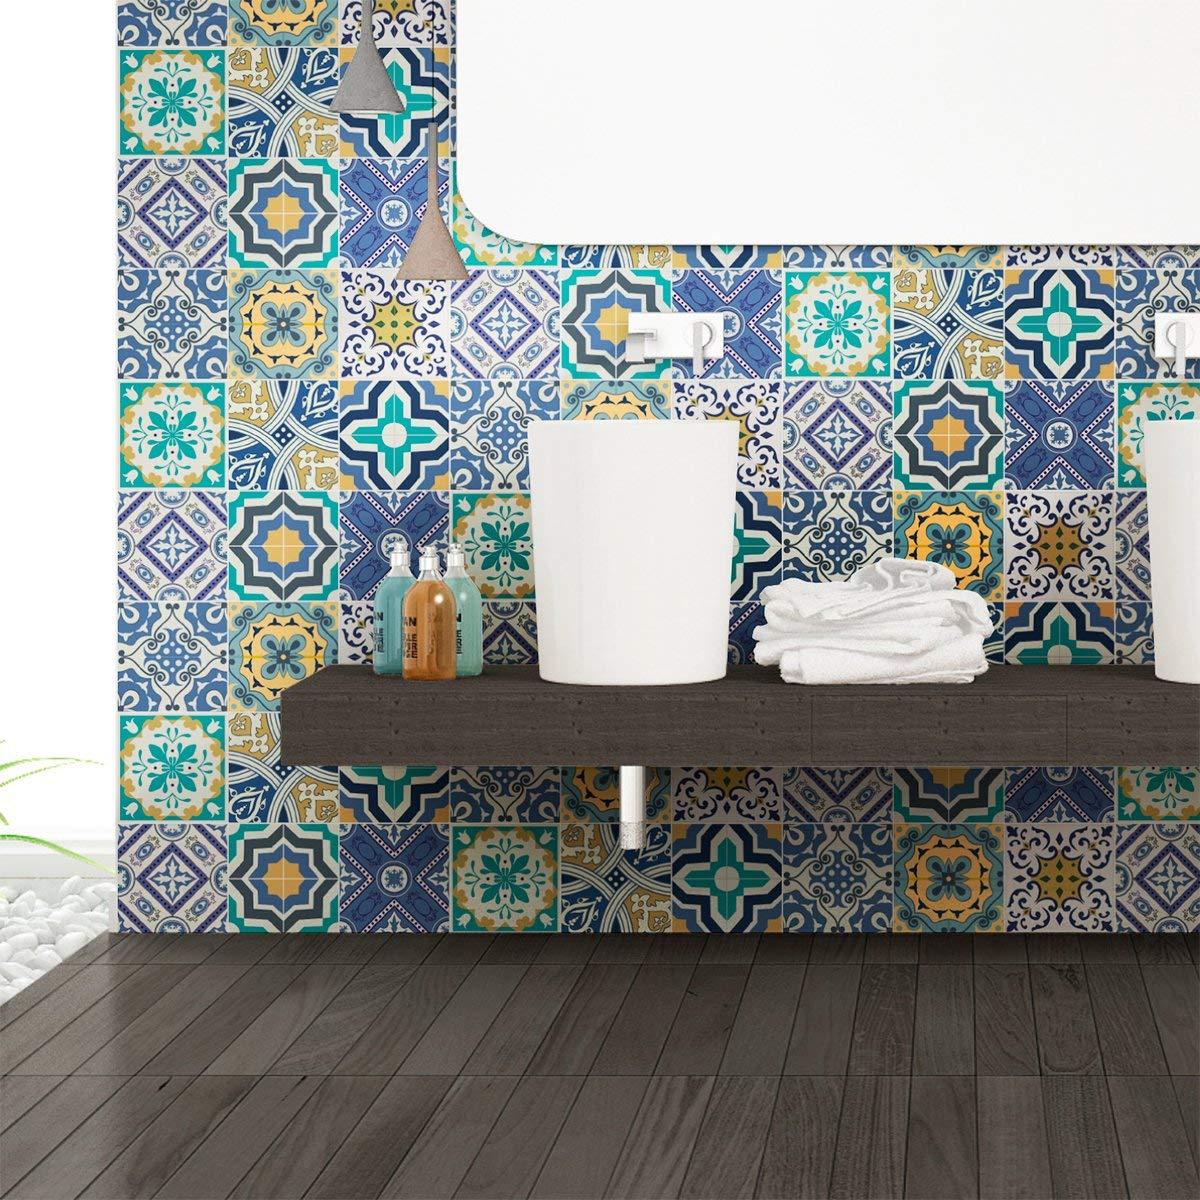 /10/x 10/cm/ Ambiance-Live Quadretti di Cemento Adesivo Parete/ /Azulejos/ /9/Pezzi